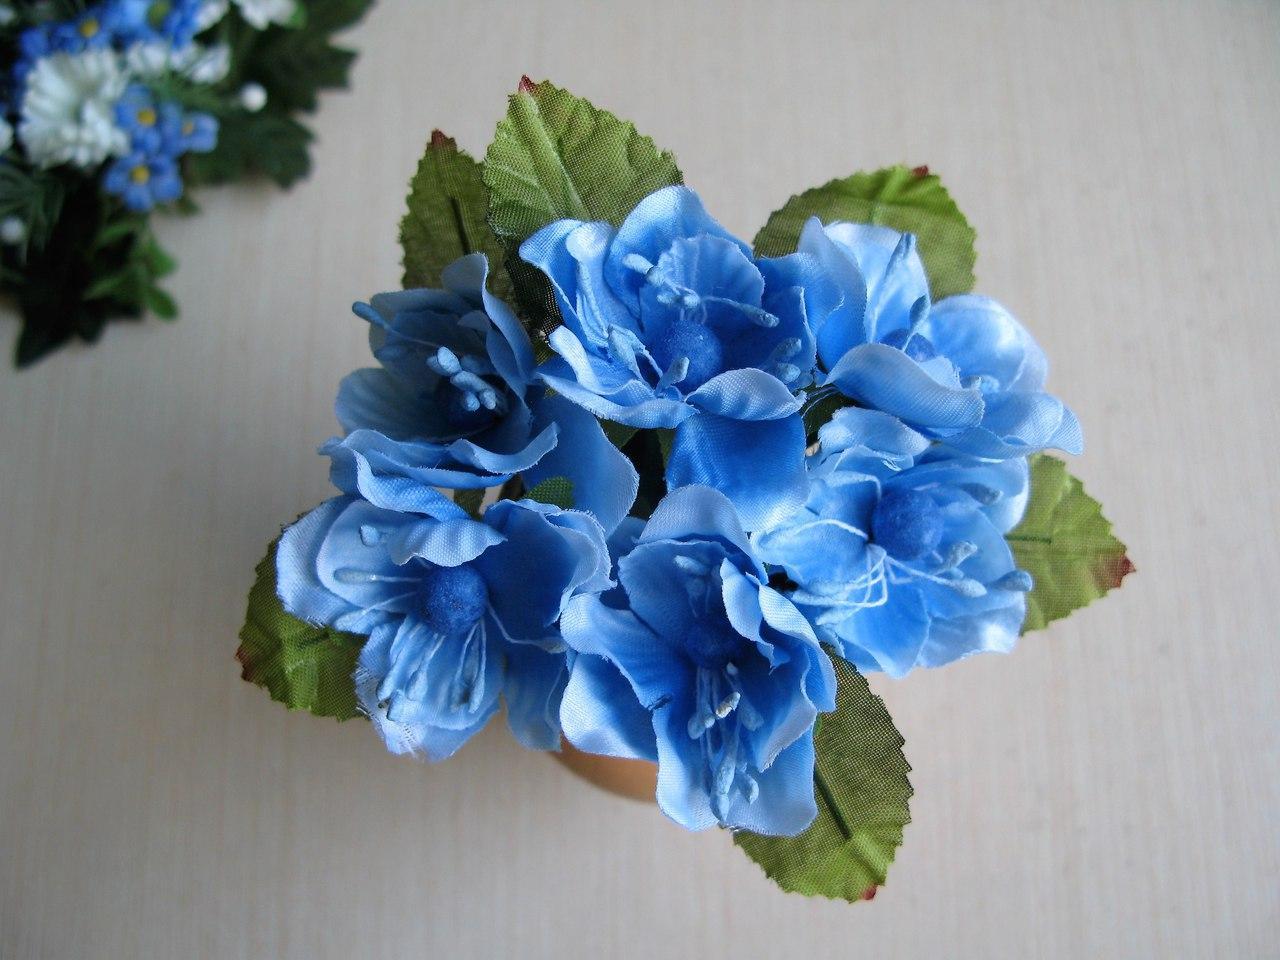 Цветы вишни с листиками цвет голубой.